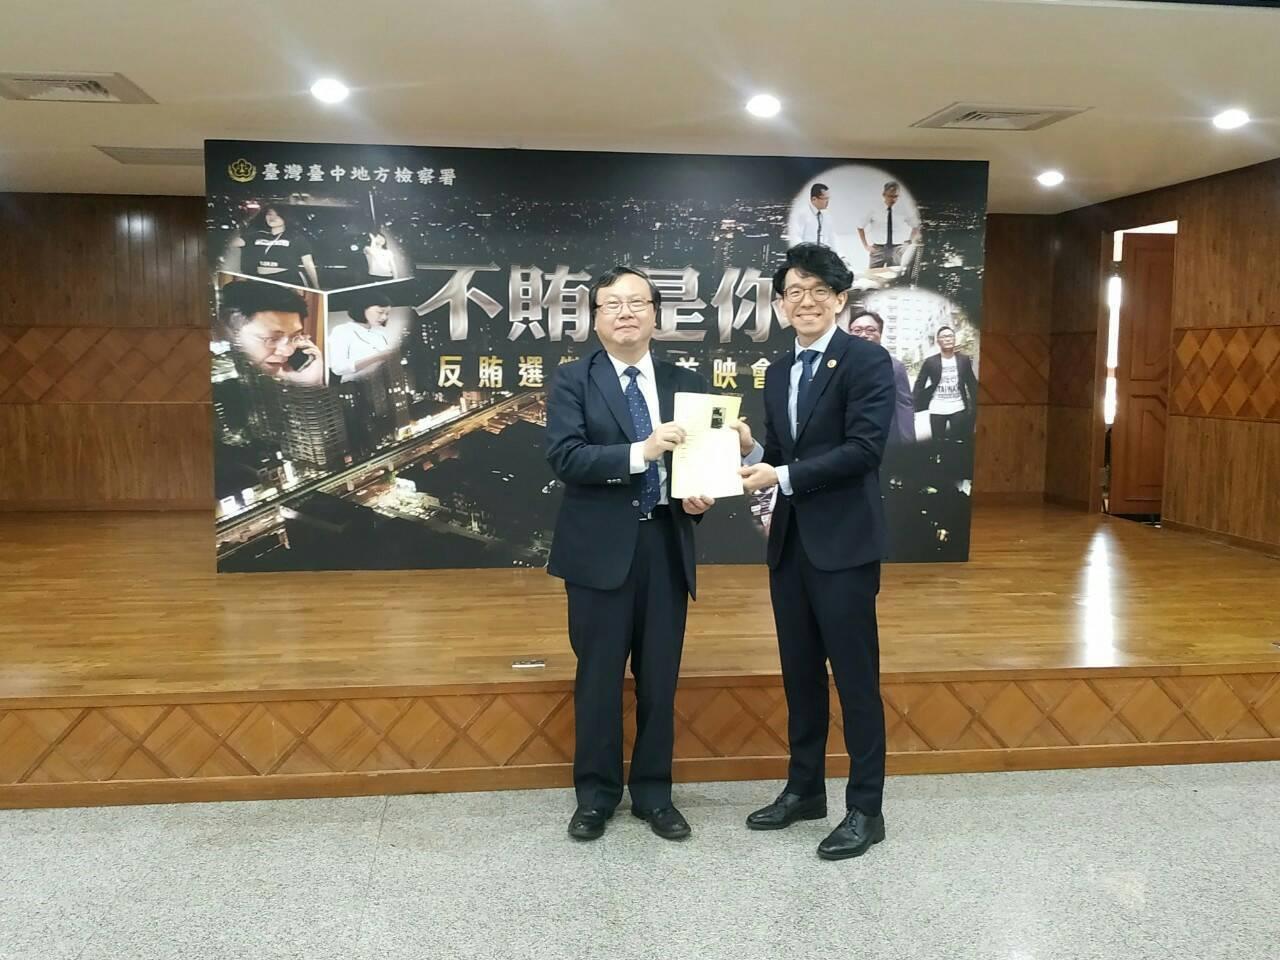 檢察官張凱傑(右)將劇本分鏡圖送給檢察長陳宏達(左),現場歡笑不斷。圖/台灣台中...